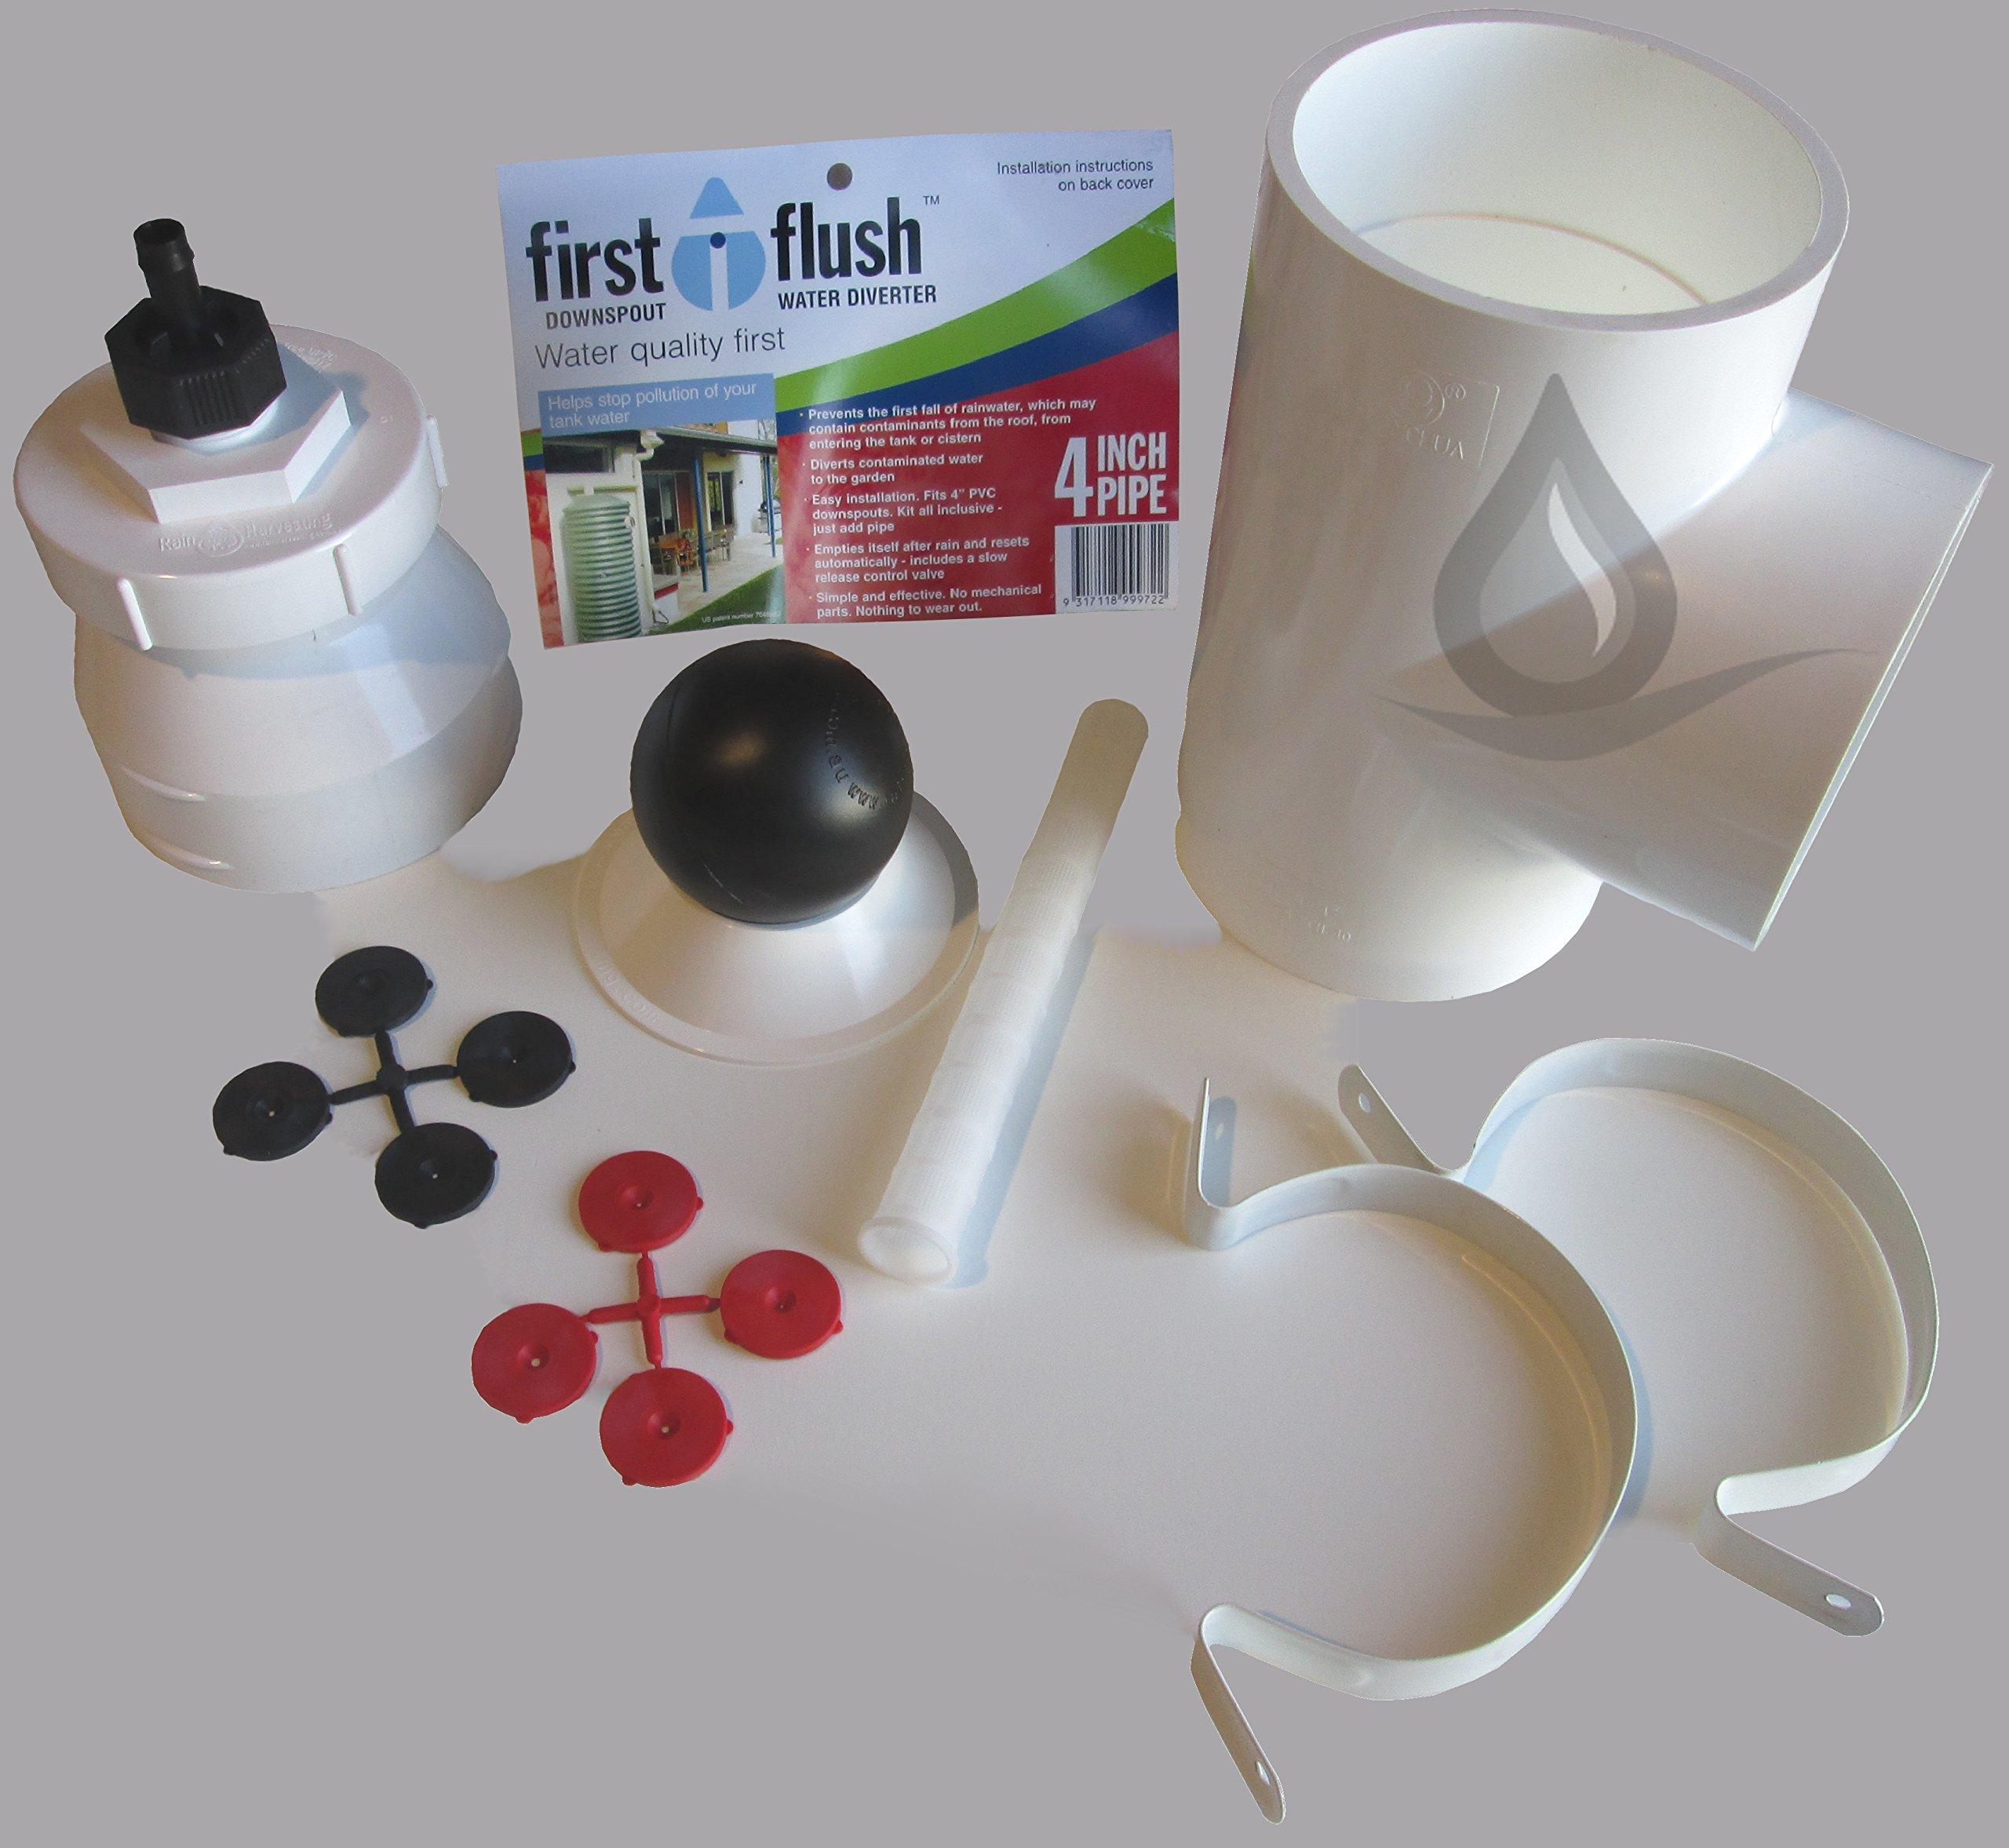 Rain Harvesting WDDS98 Downpipe First Flush Water Diverter Kit